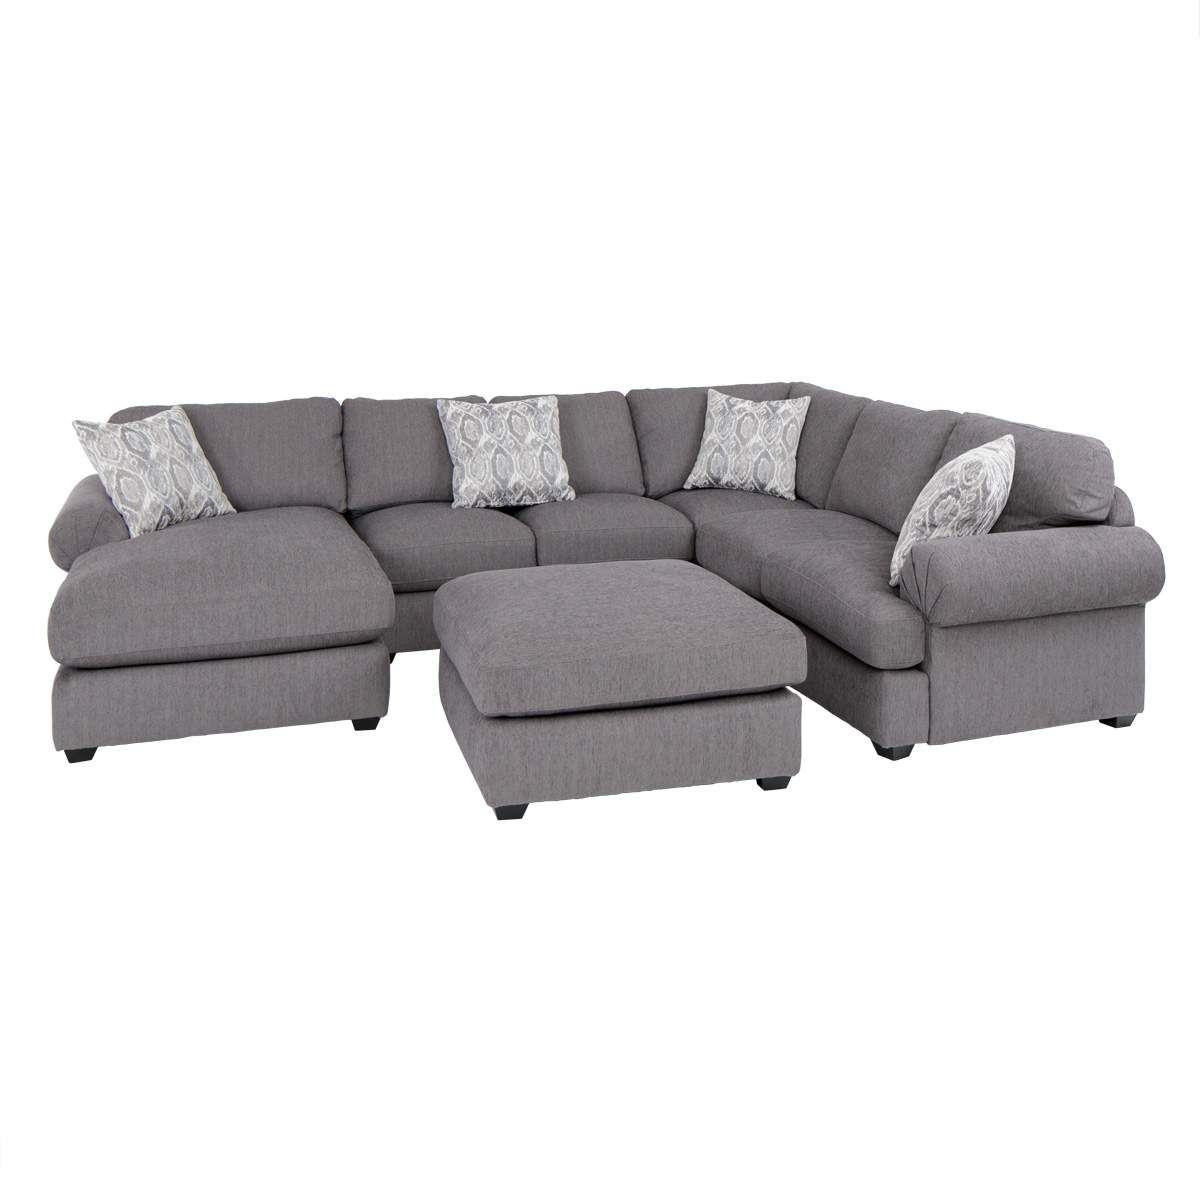 Jameson Sectional Sofa Sofa Living Room Sectional